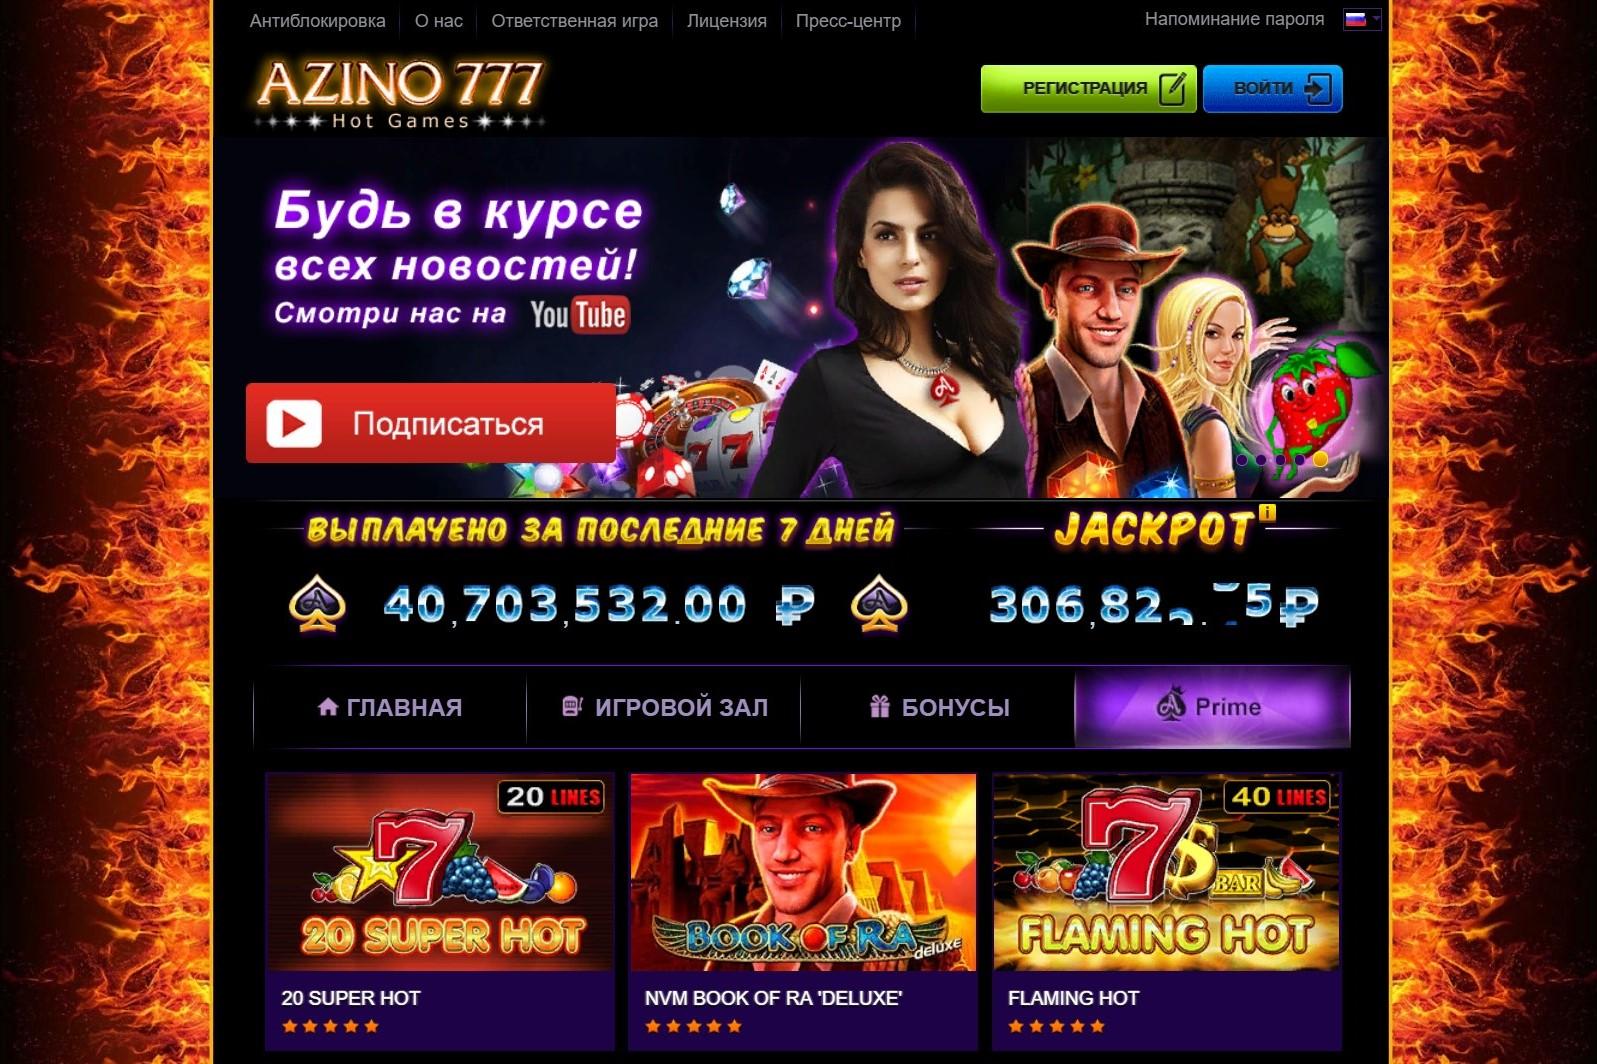 azino777 mob icu